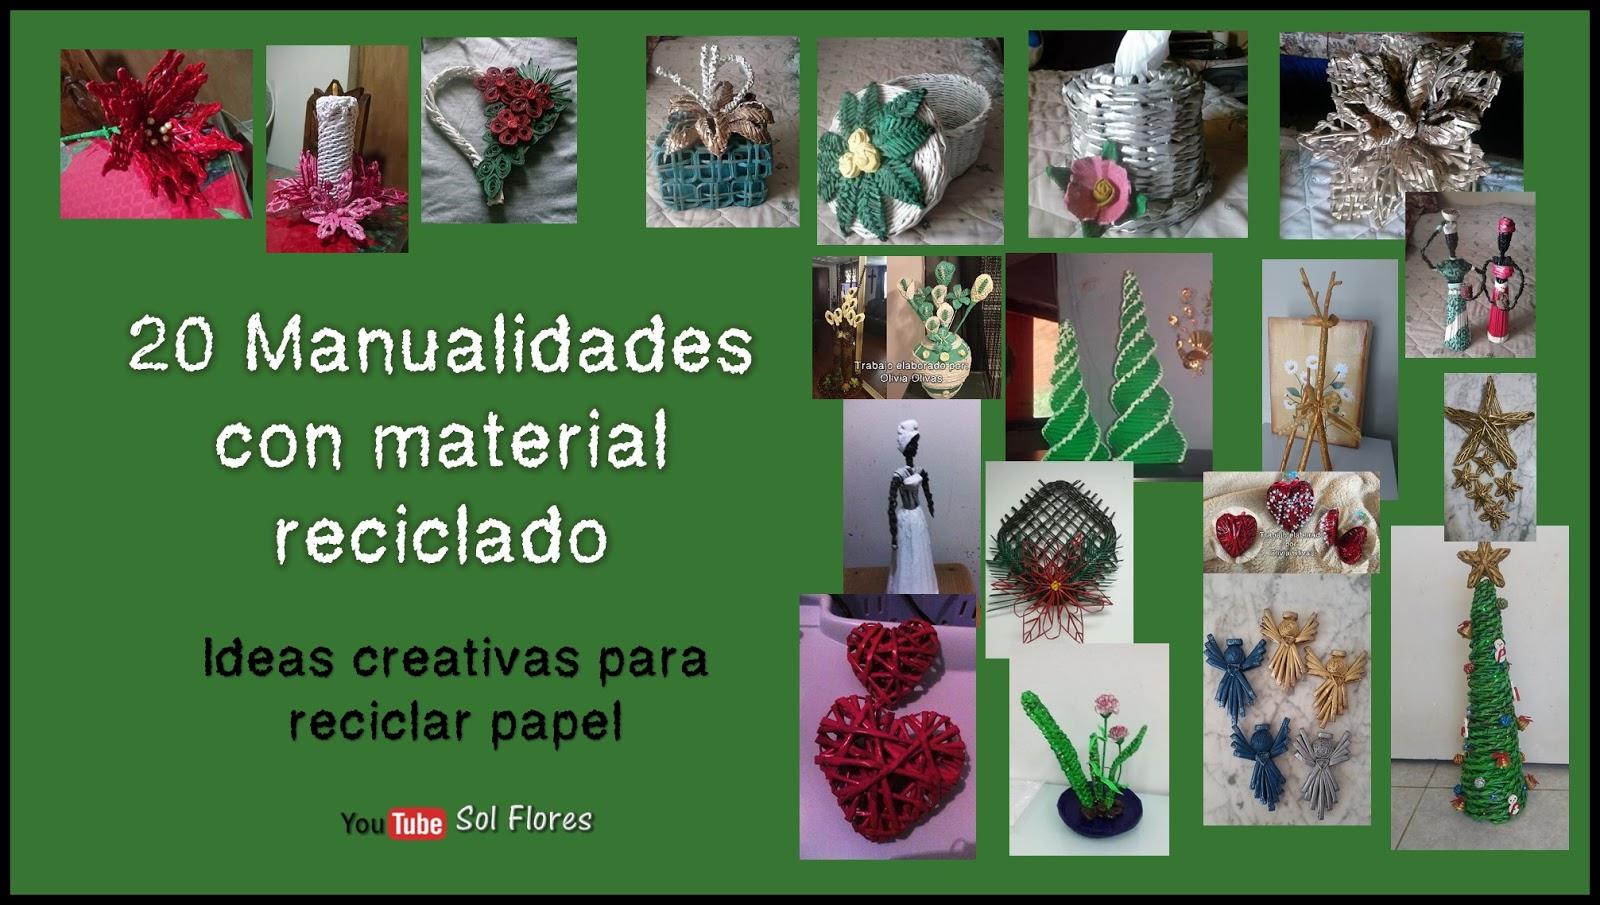 20 manualidades con material reciclado ideas creativas - Ideas creativas para reciclar ...